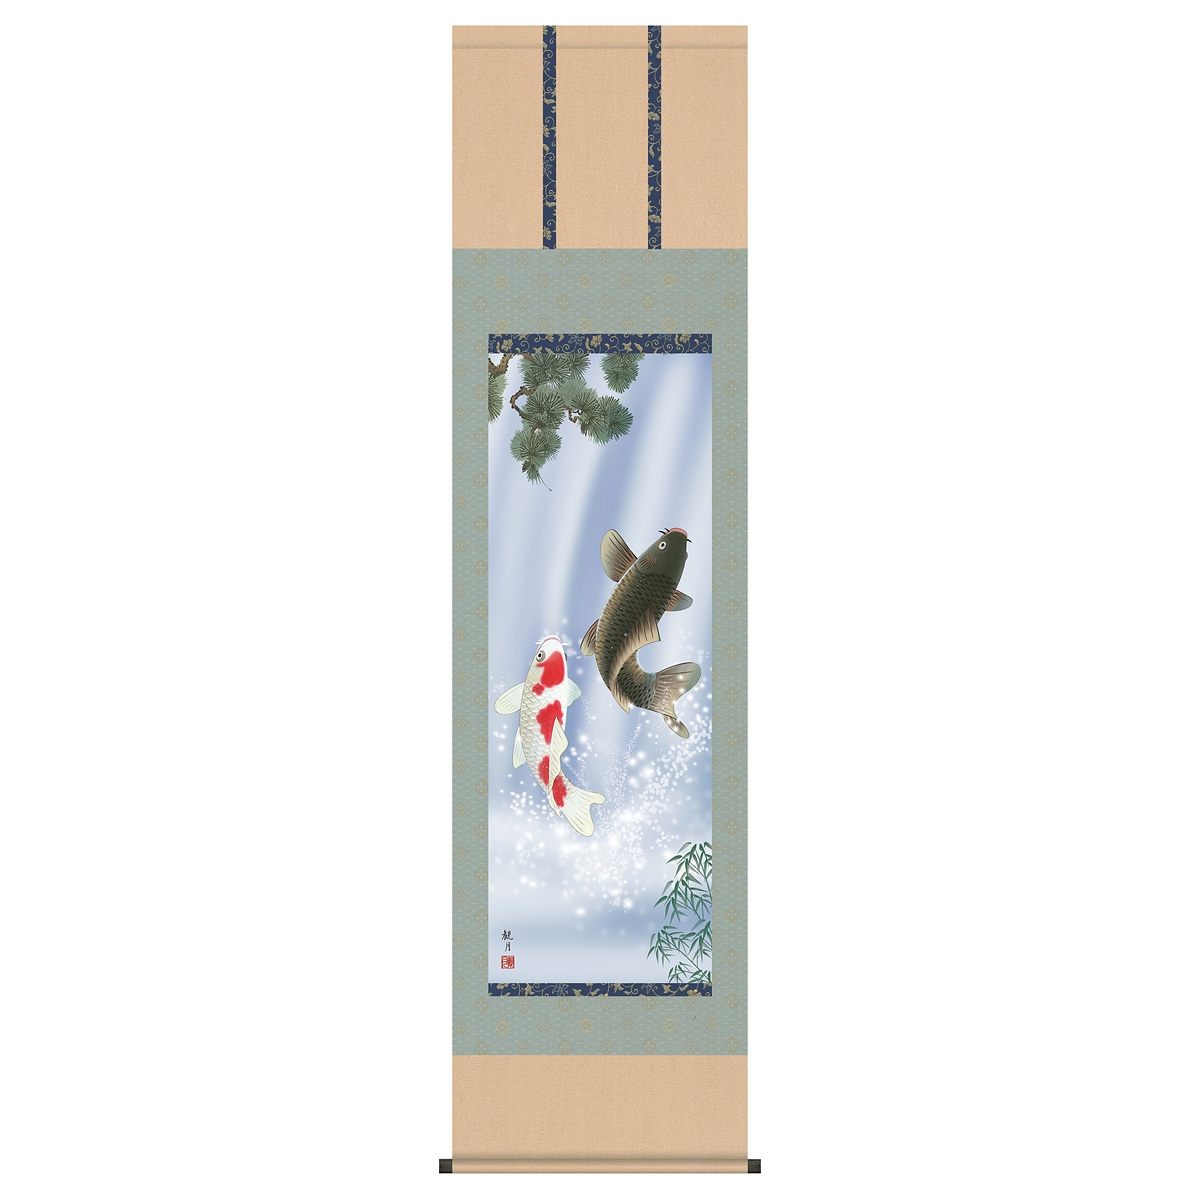 端午の節句 正月 掛け軸 掛軸 「森山観月(三美会)作 夫婦滝昇鯉」 ●正月飾り 端午の節句